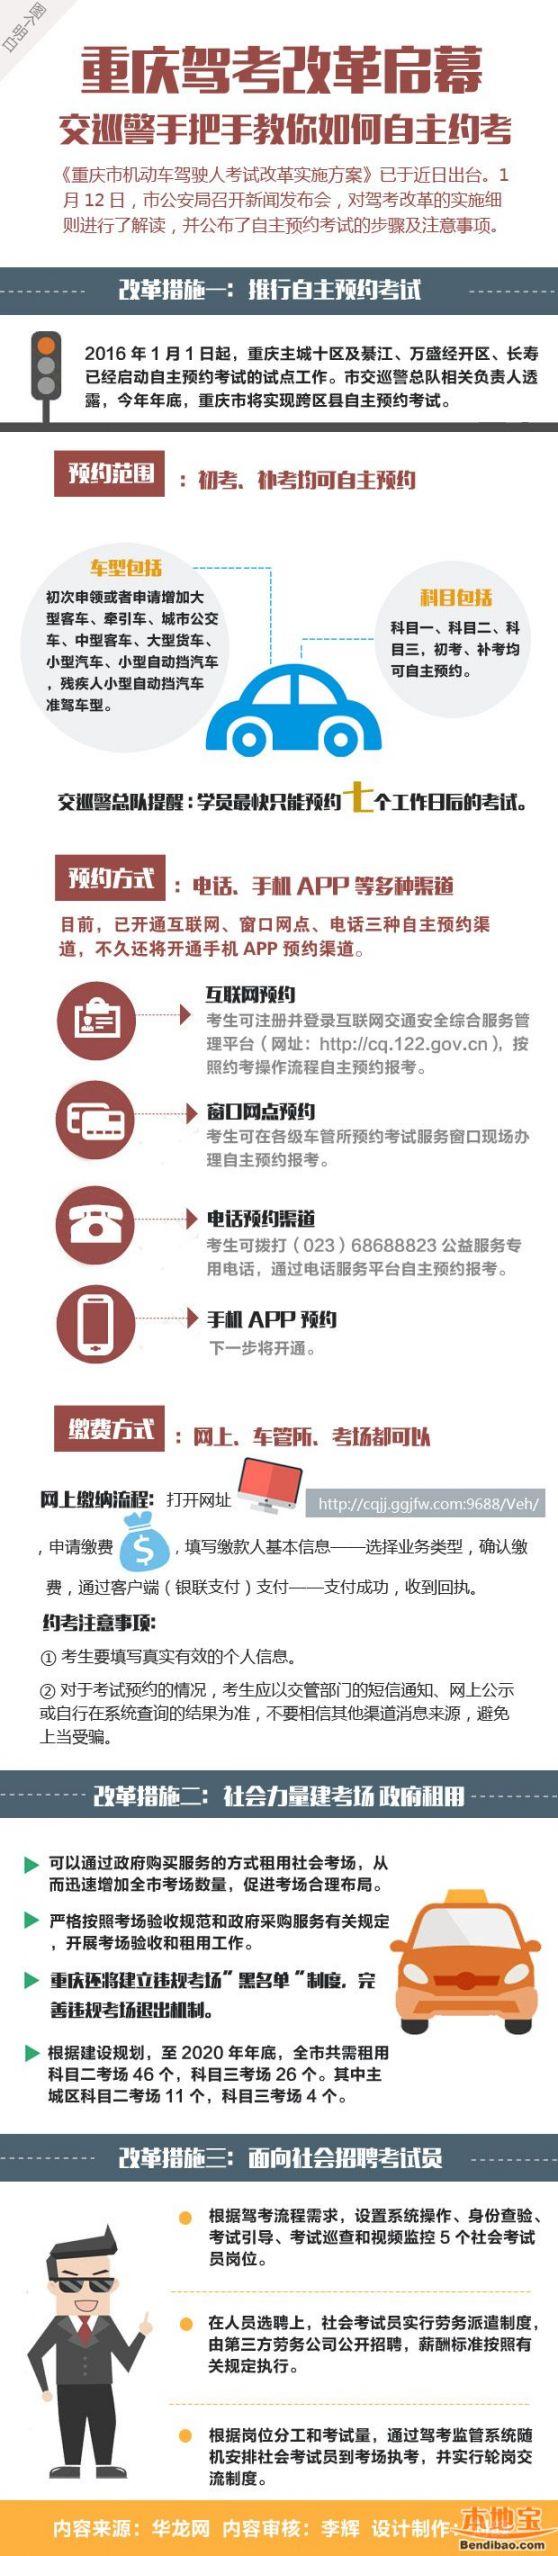 重庆驾照自主预约流程(图解)